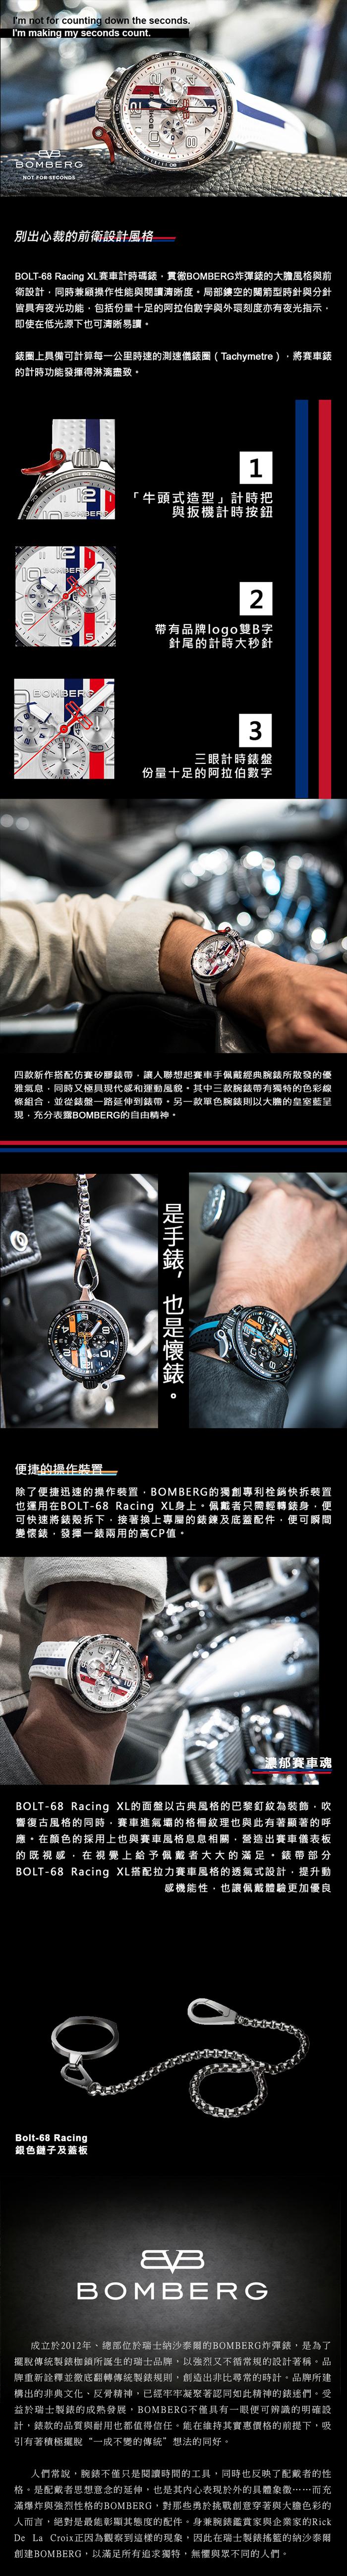 (複製)BOMBERG BOLT - 68 RACING 系列 全鋼藍面XL復古賽車計時碼錶-錶徑 45mm